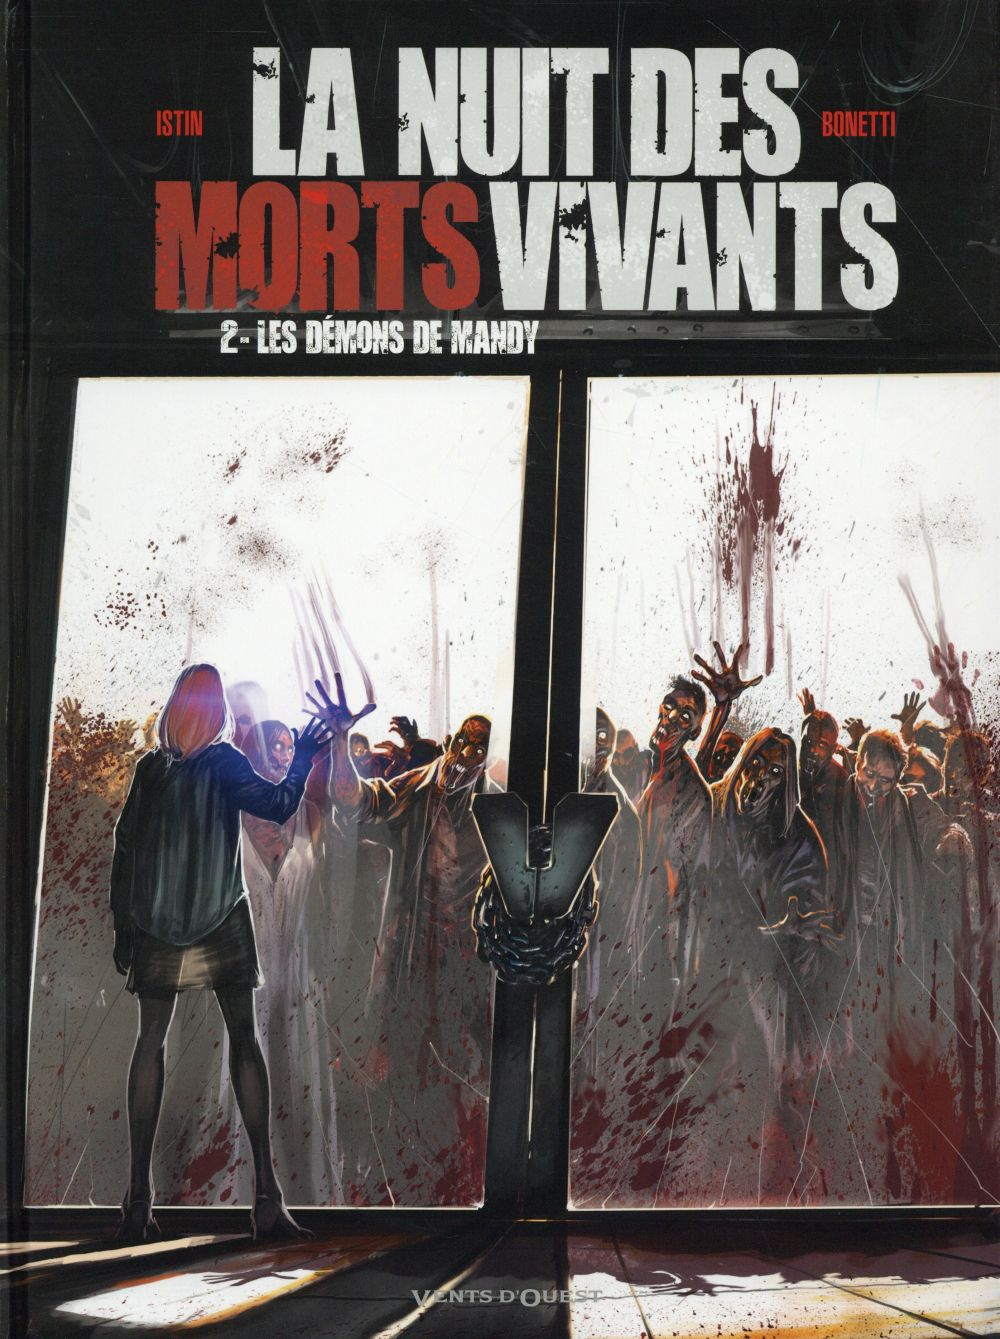 LA NUIT DES MORTS-VIVANTS - TOME 02 - LES DEMONS DE MANDY Bonetti Elia